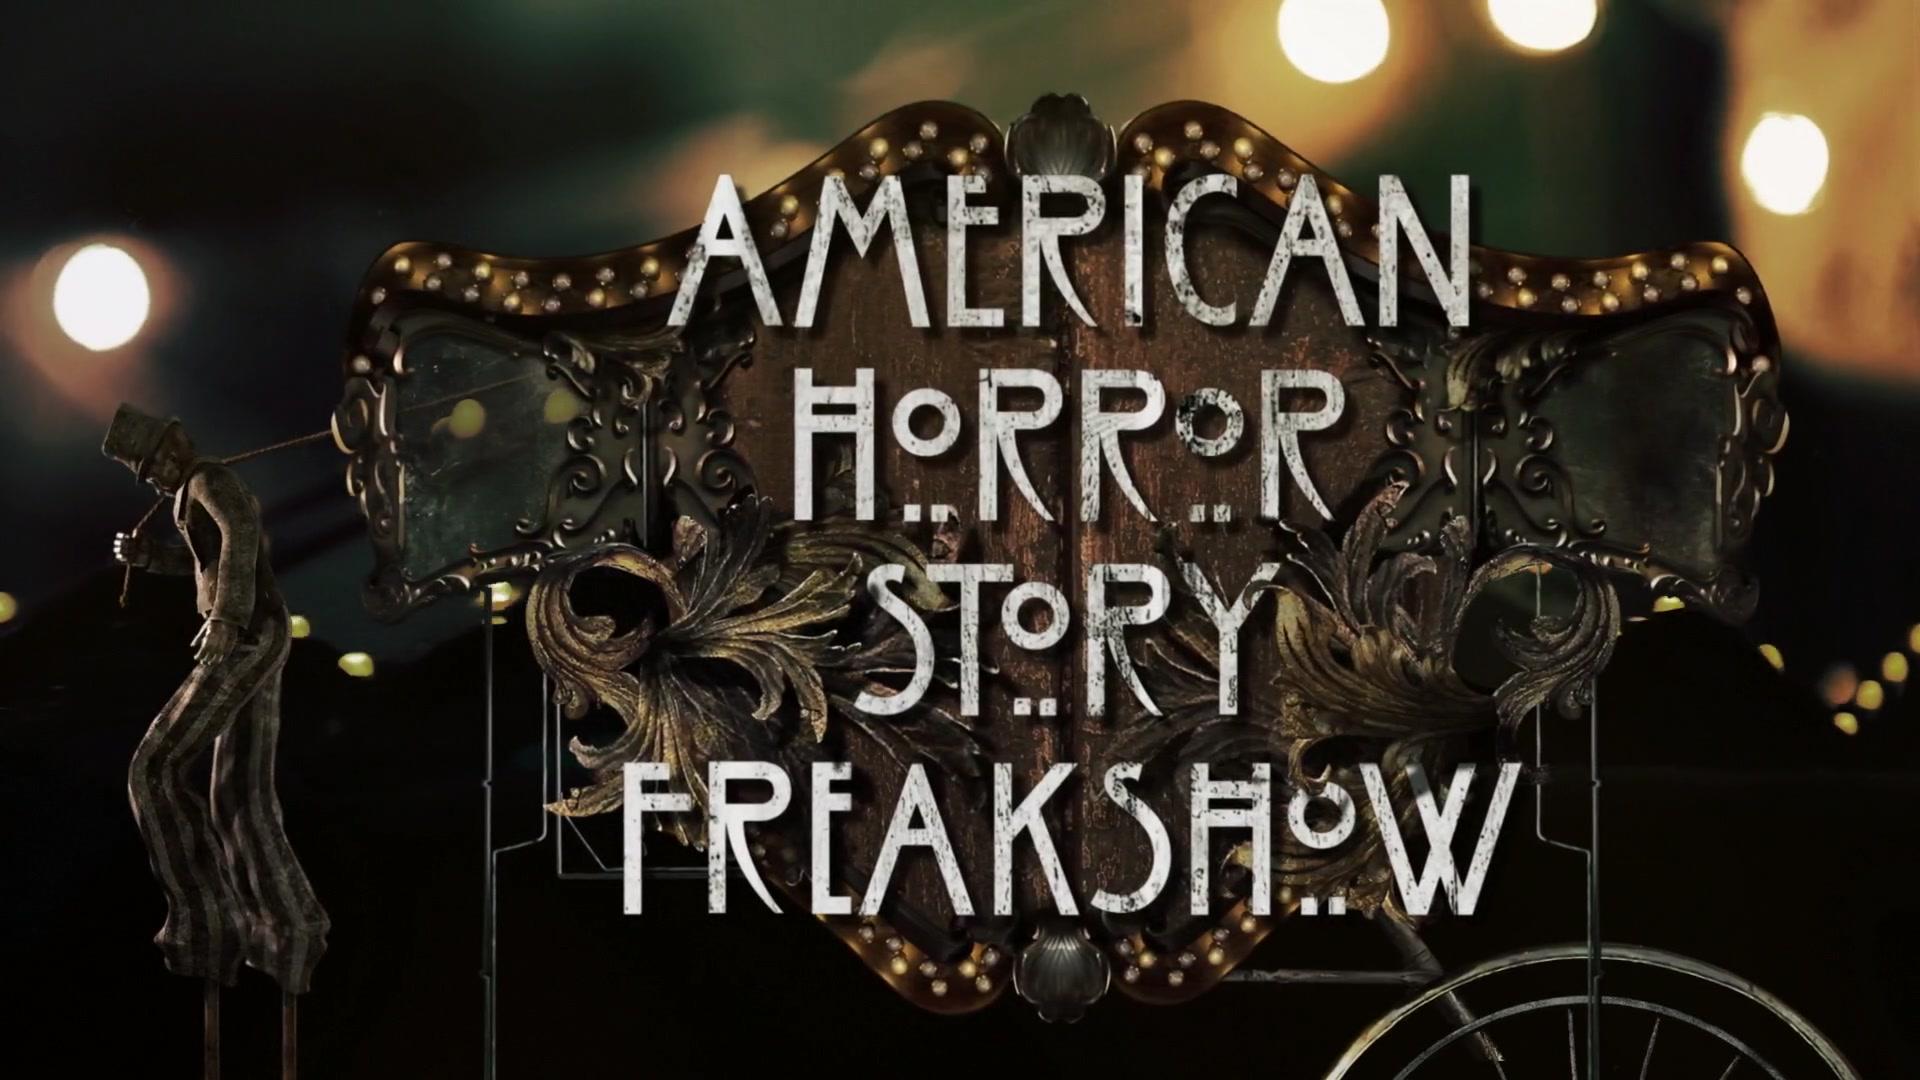 american.horror.story.s07e01.hdtv.x264-sva ettv subtitles